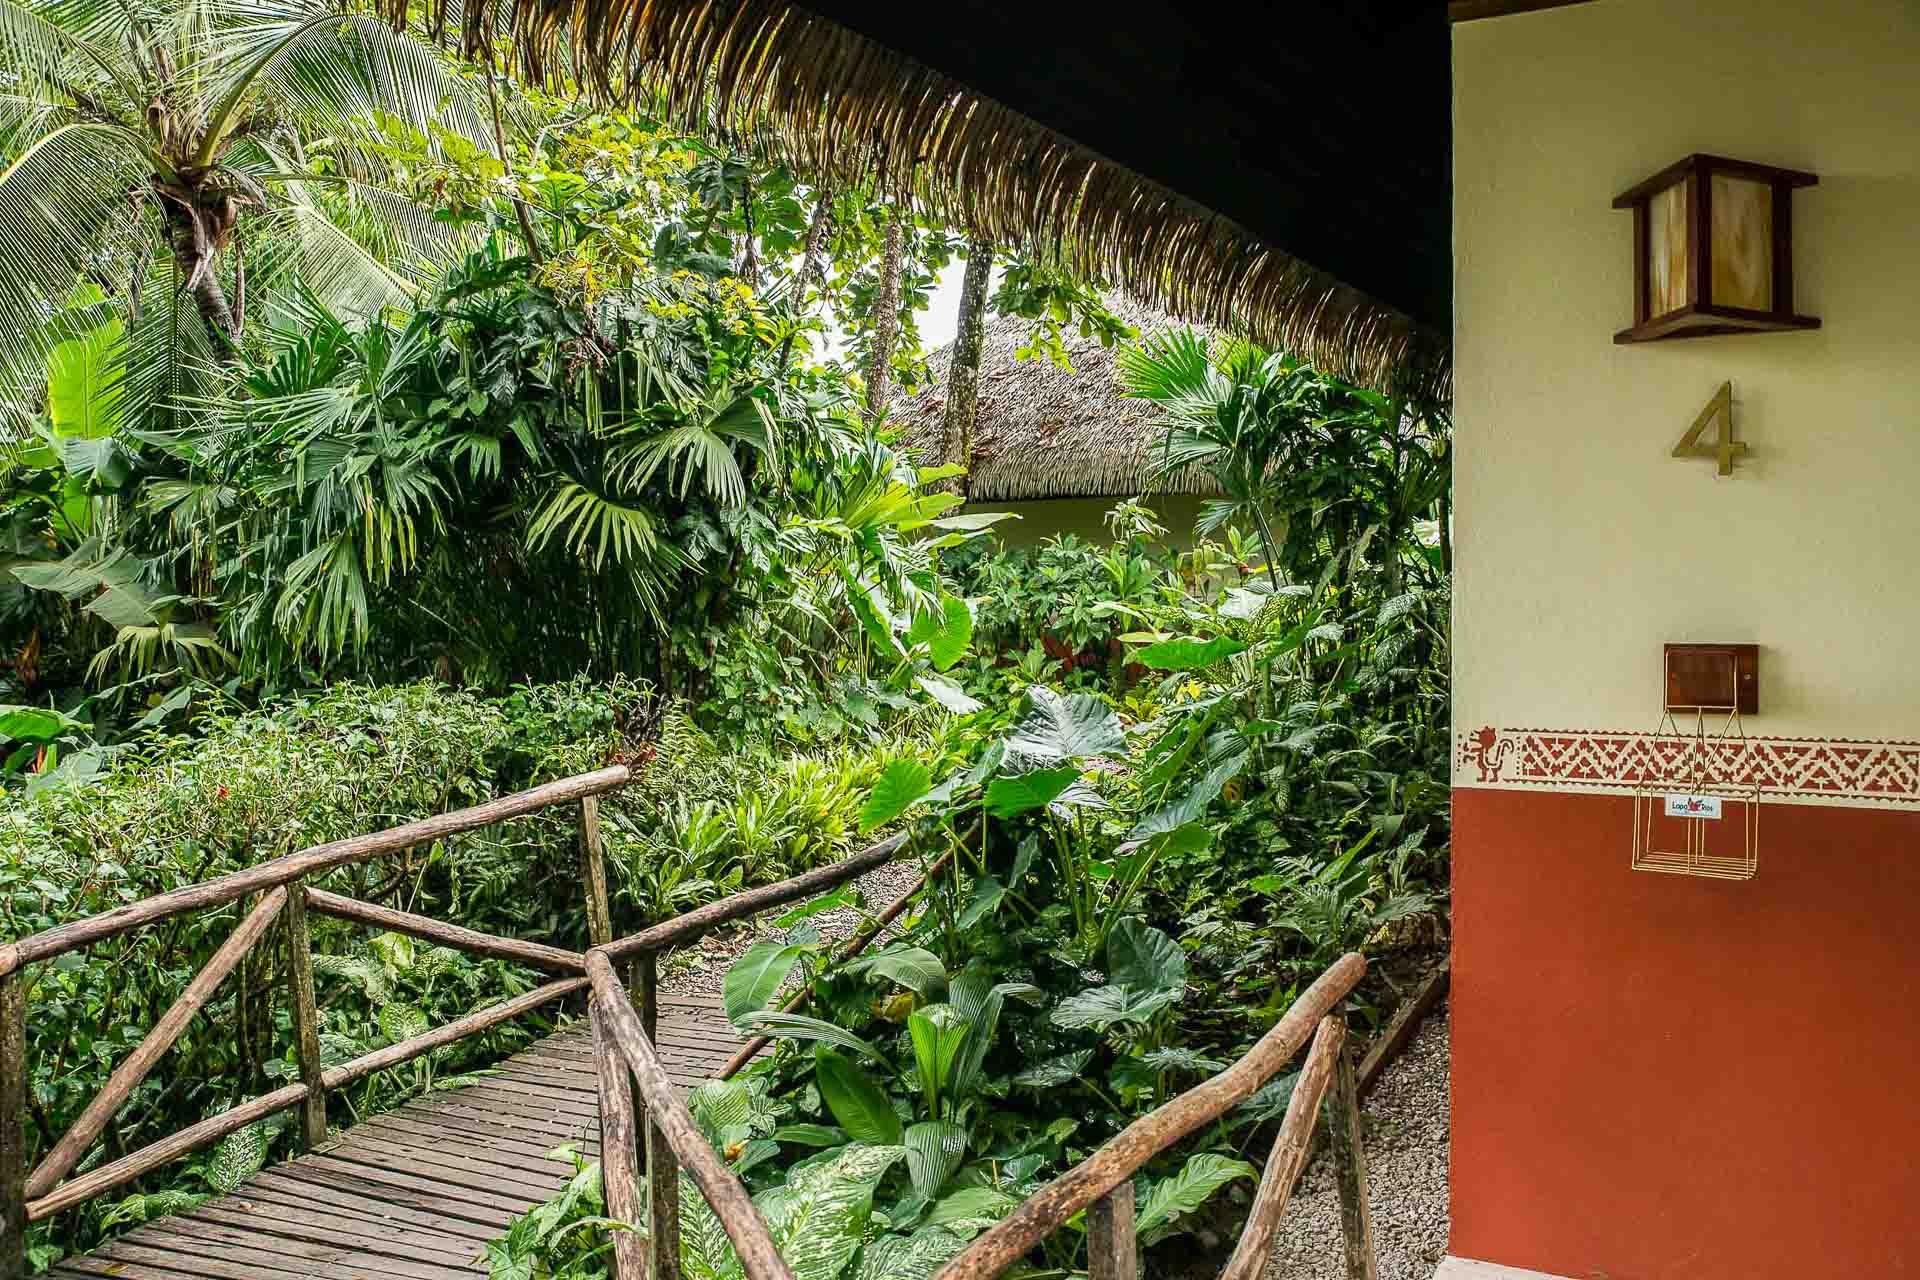 Les bungalows sont disséminés dans la jungle.